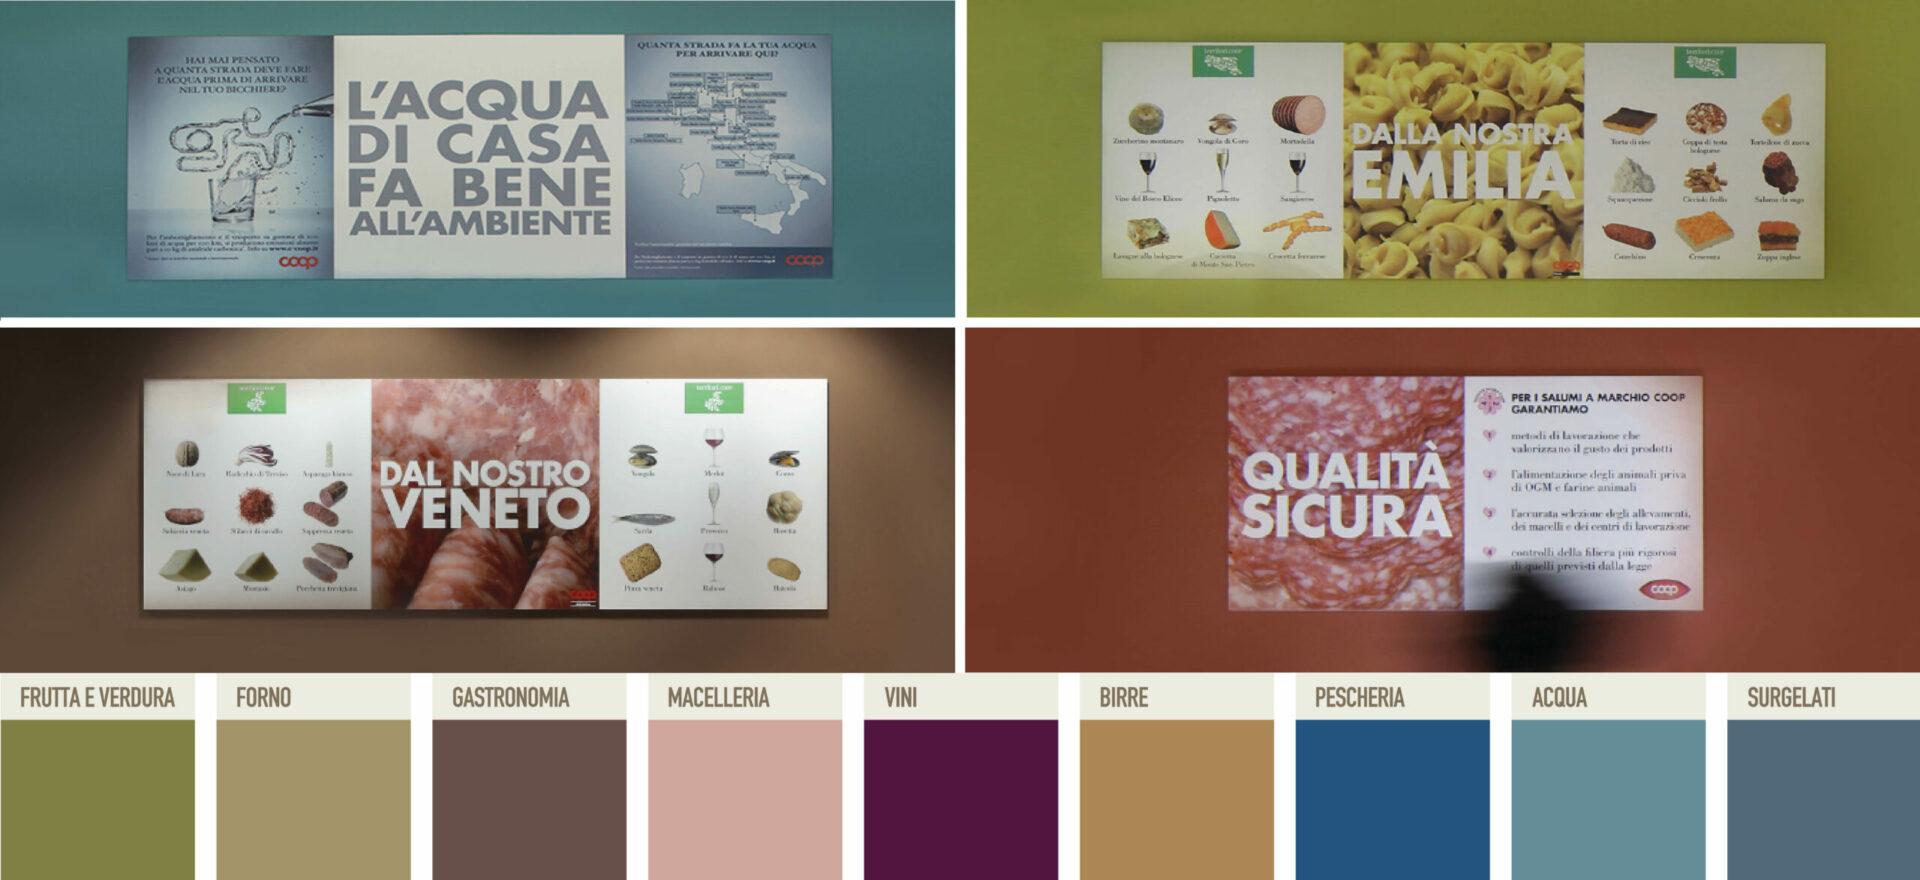 Graphic & Interior Design   Branding   Coop Italia  Mario Trimarchi Design   Fragile